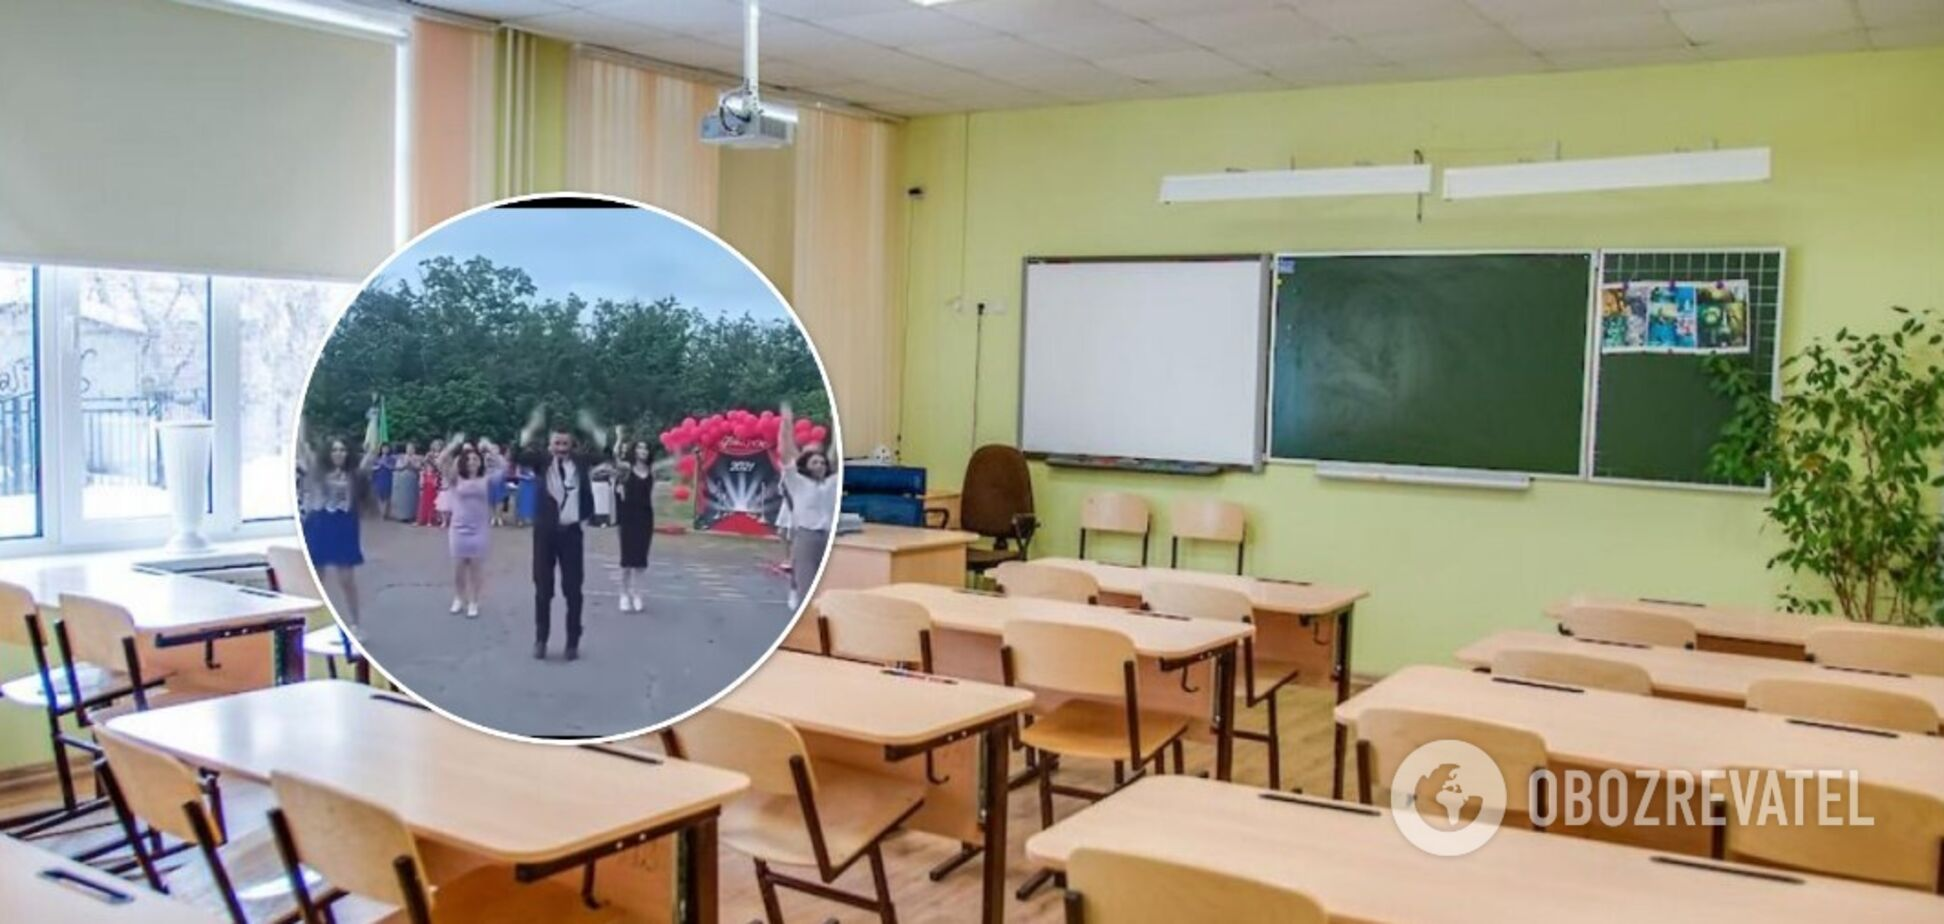 Учитель із Полтавщини підкорив мережу танцем на випускному